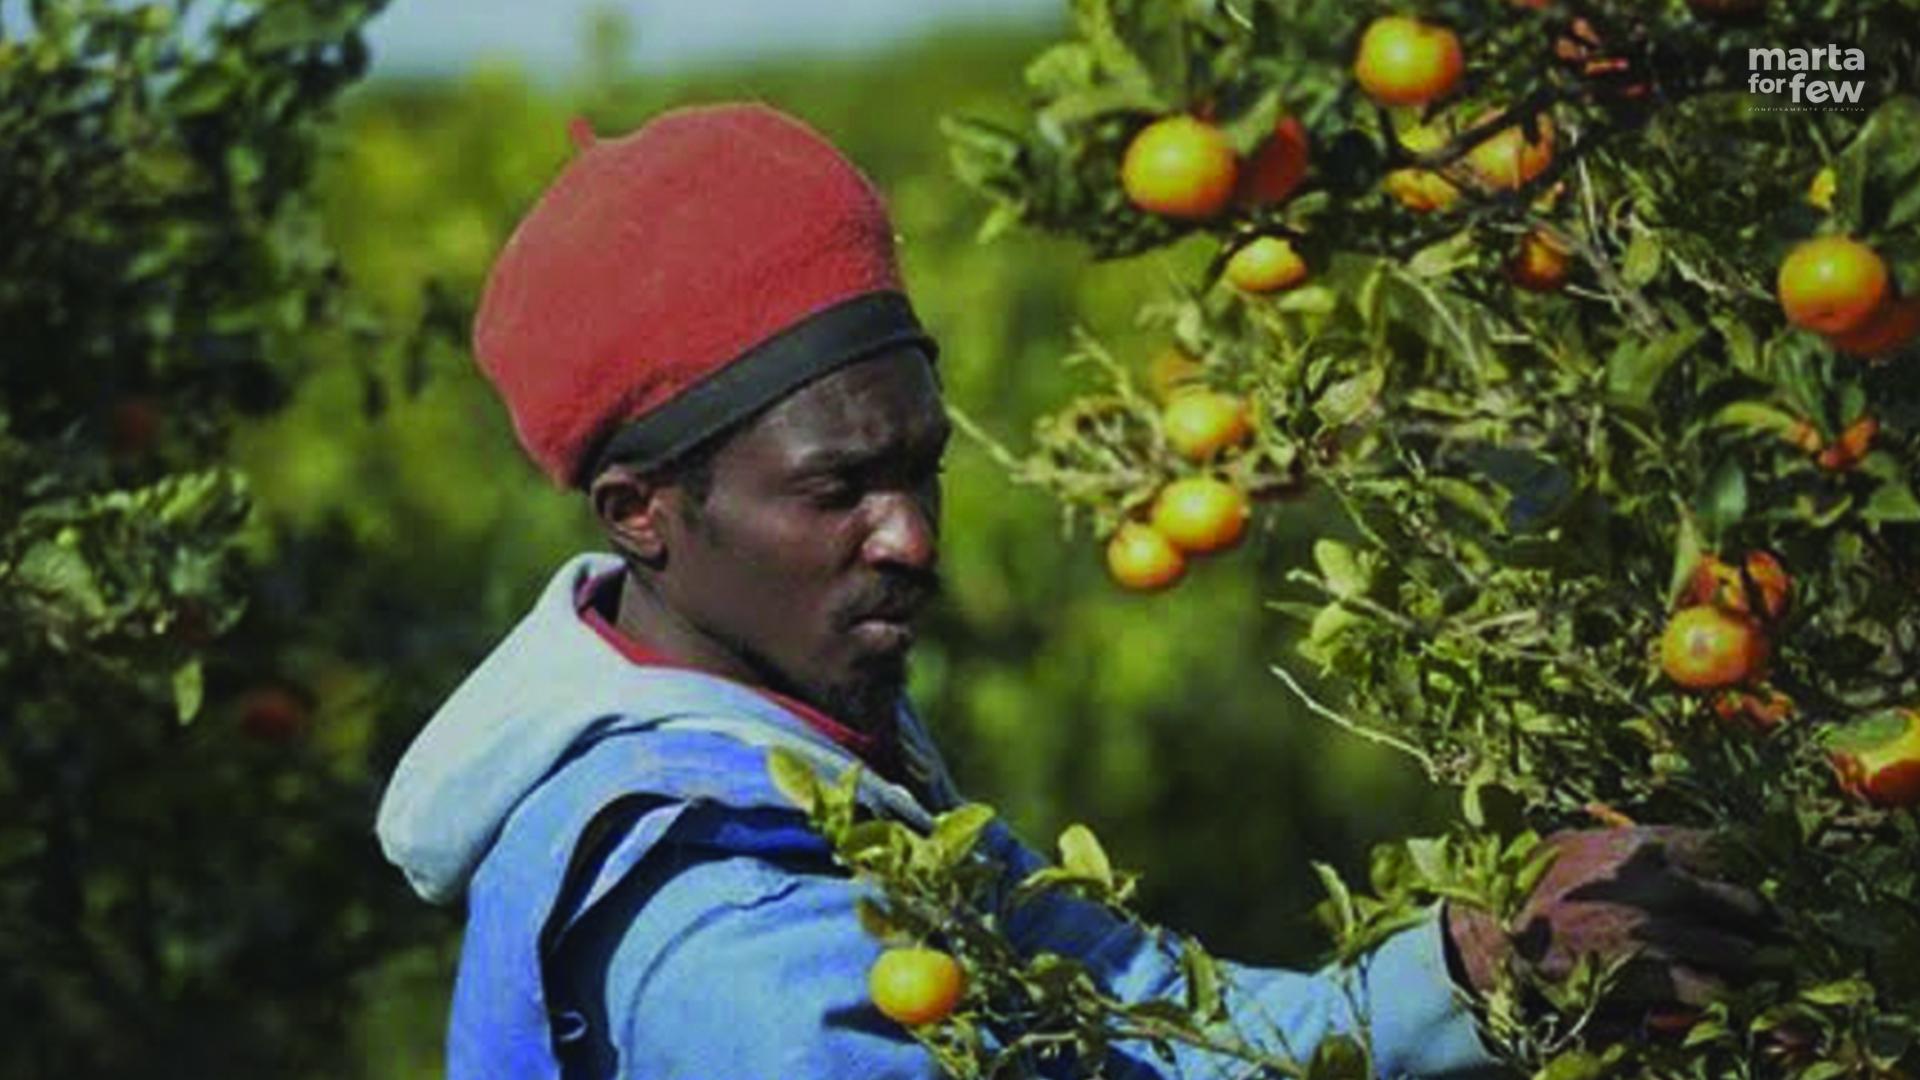 UE AGRICOLTURA crisi difficoltà covid19